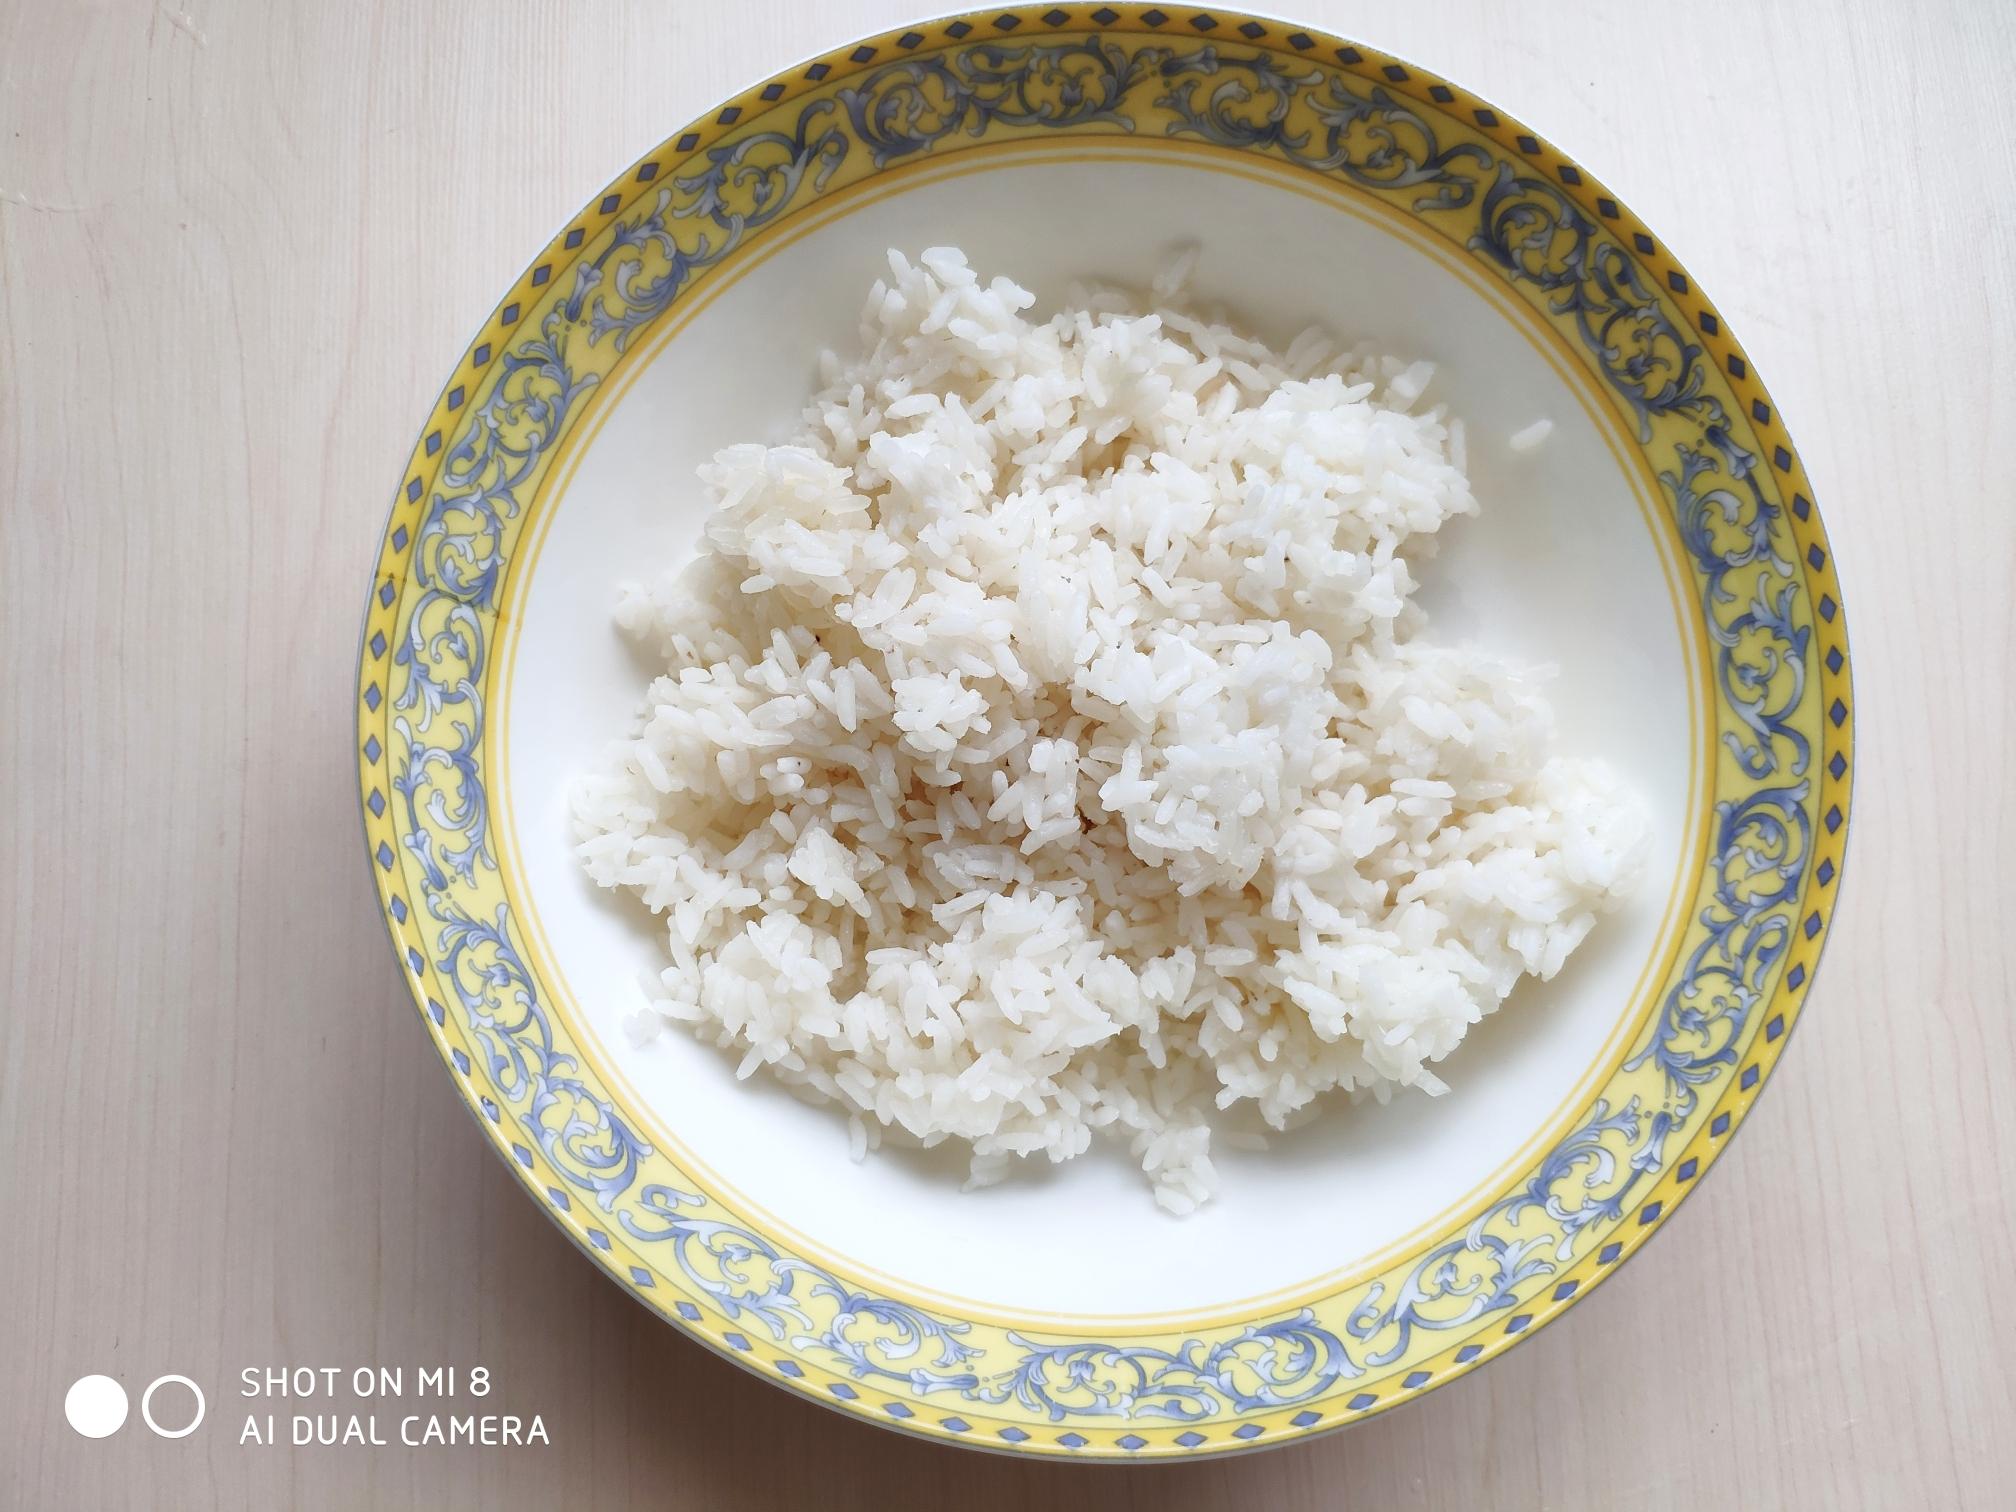 火腿豌豆蛋炒饭,米饭最好用隔夜的剩米饭,放冰箱冷藏一夜让部分水分蒸发,用来做炒饭最合适。</p> <p>